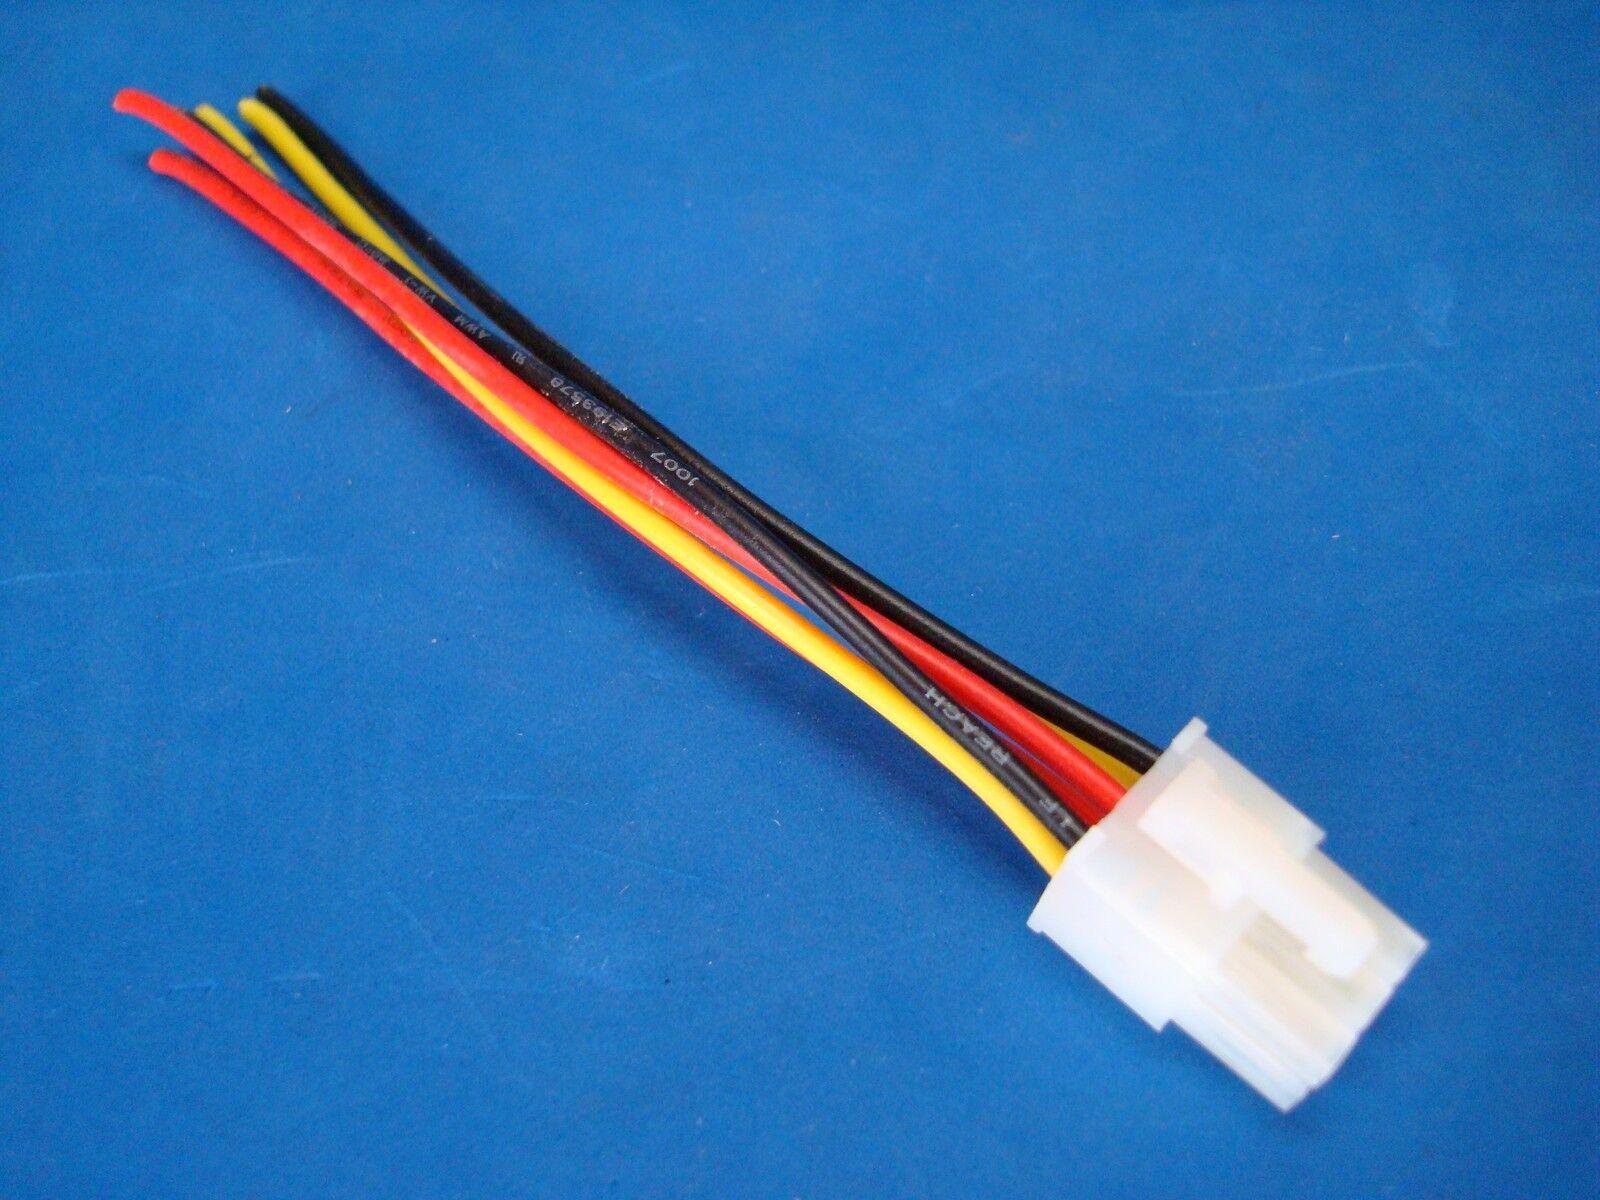 hight resolution of rockford fosgate punch amplifier 6 pin speaker wire harness plug 45hd 75hd 150hd 9 95